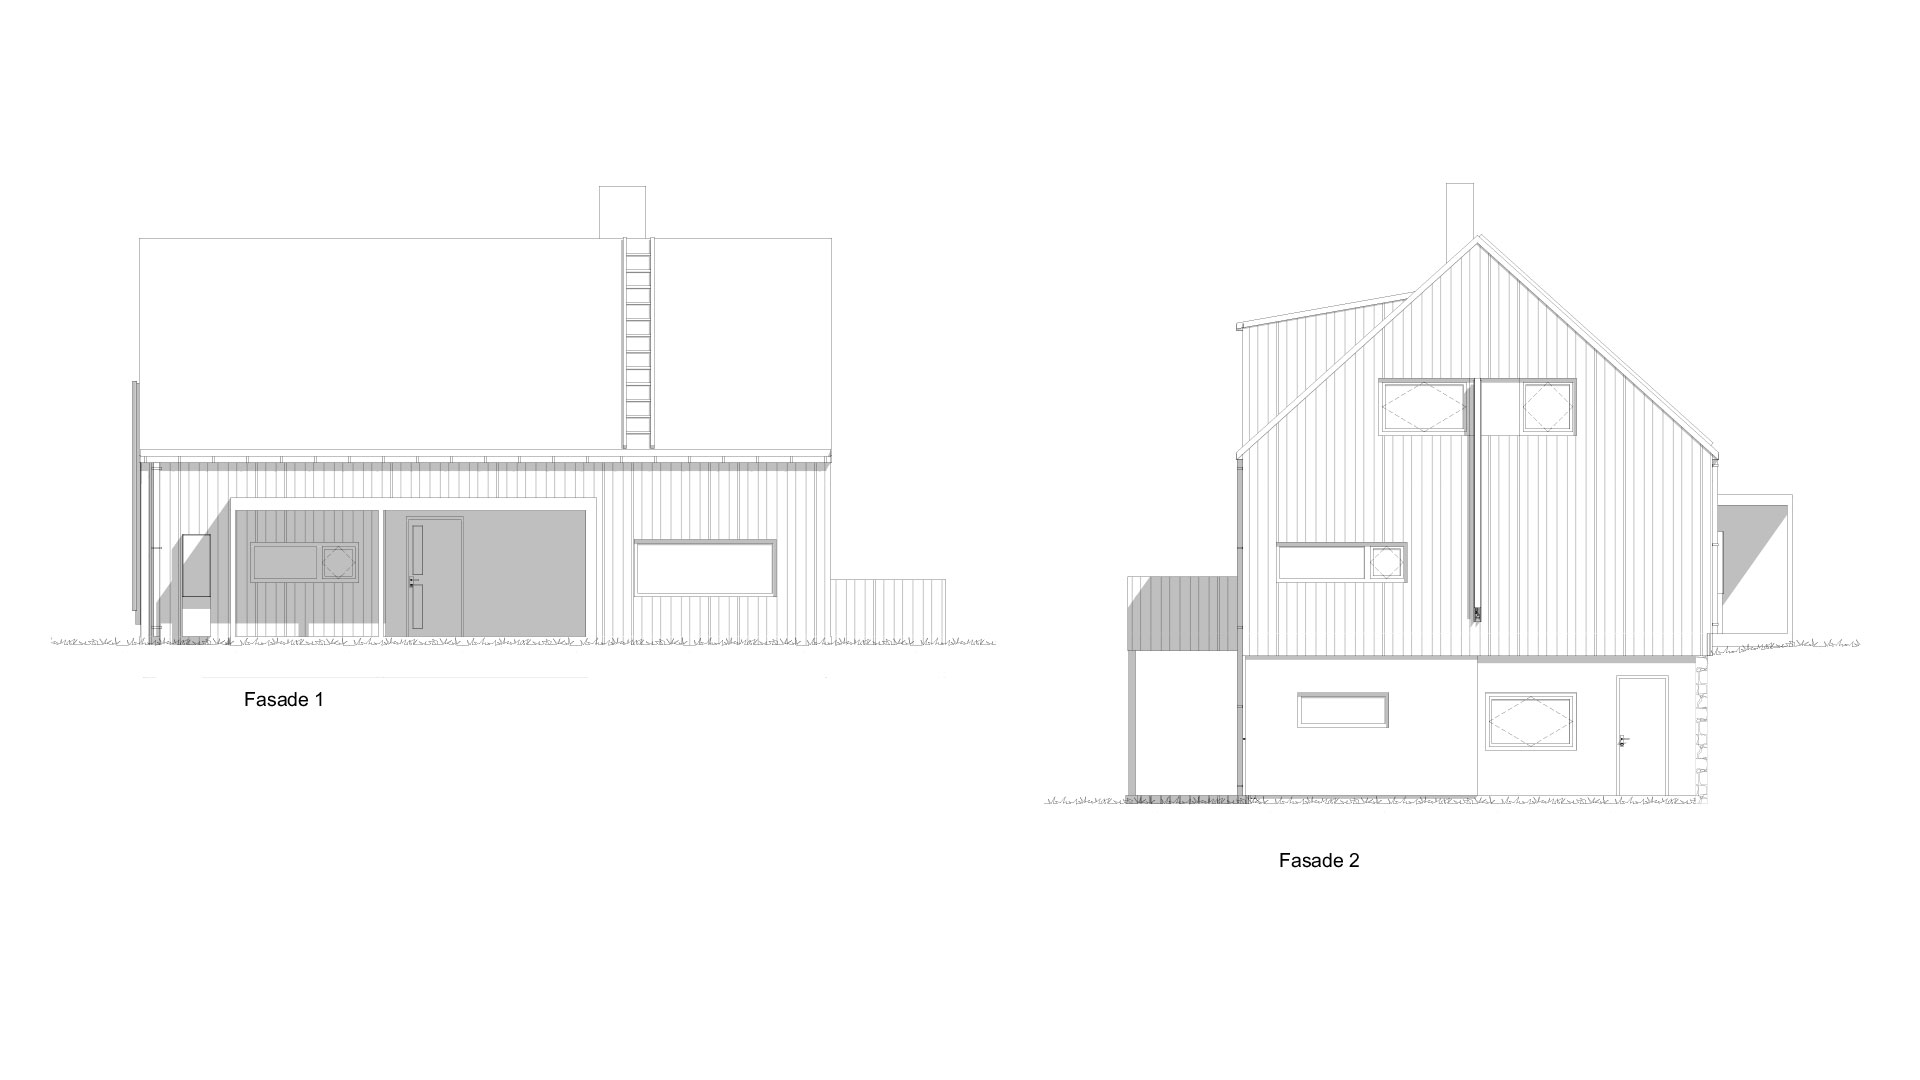 Granli_Fasade1-2.jpg